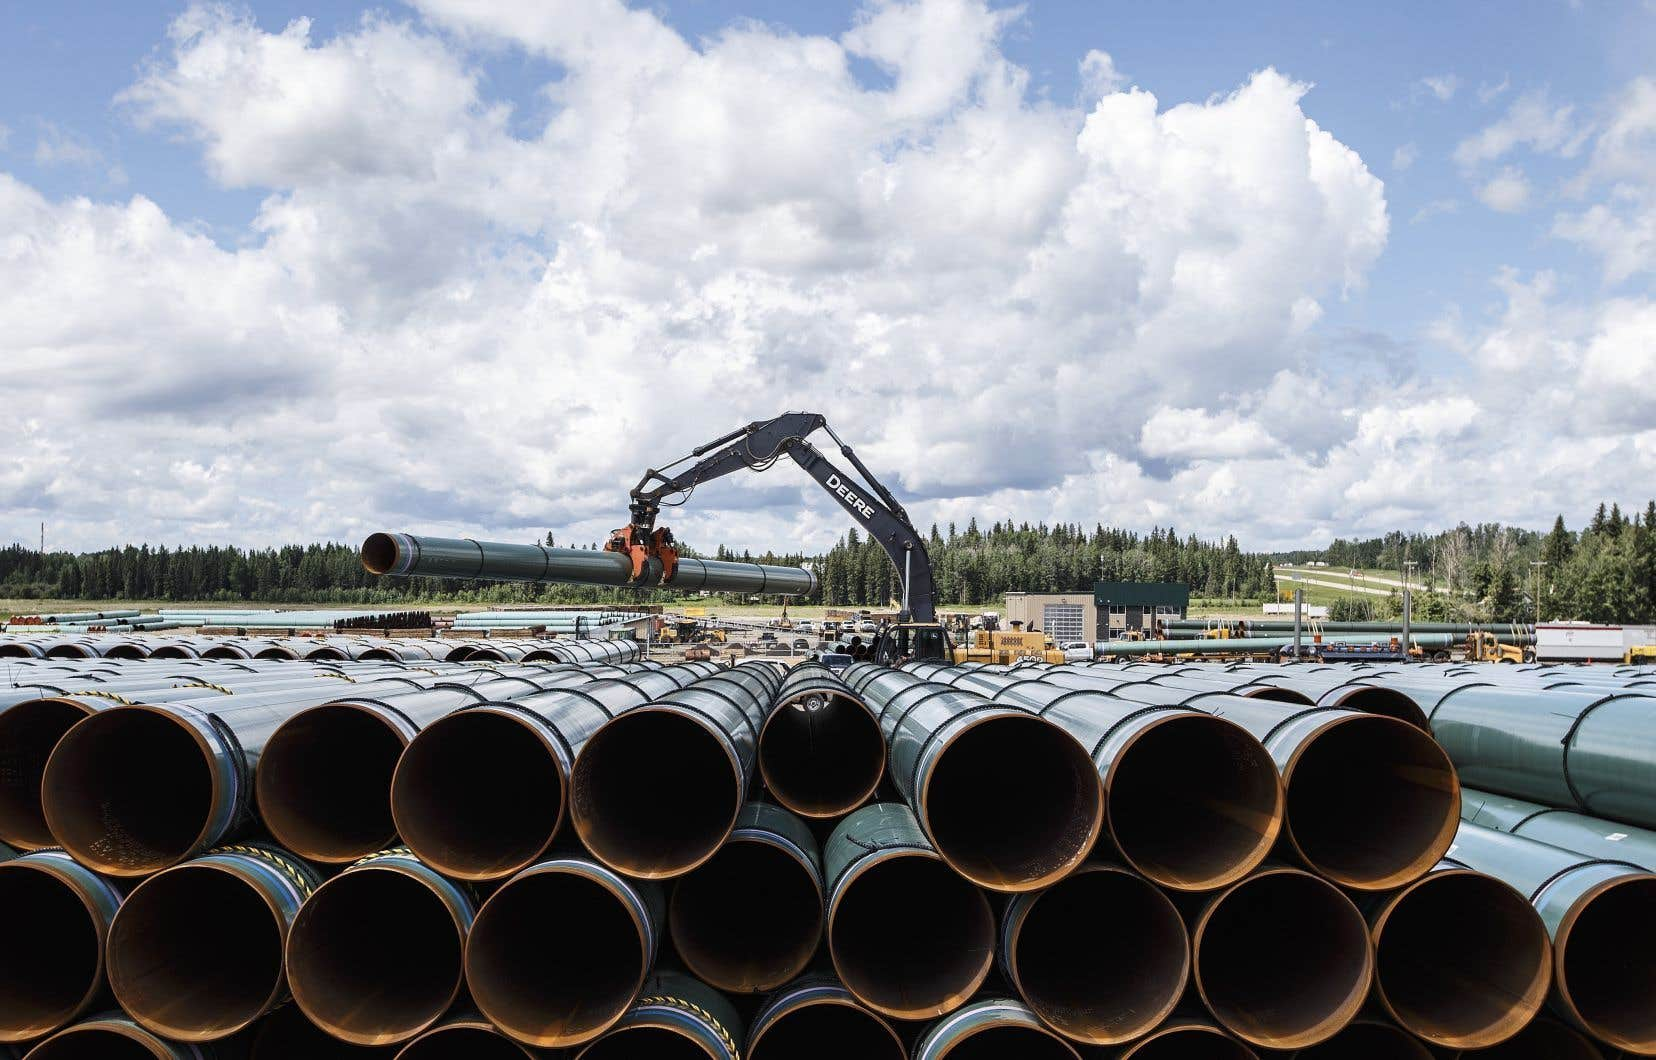 Le nouveau pipeline d'Enbridge permettra d'exporter davantage de pétrole des sables bitumineux.